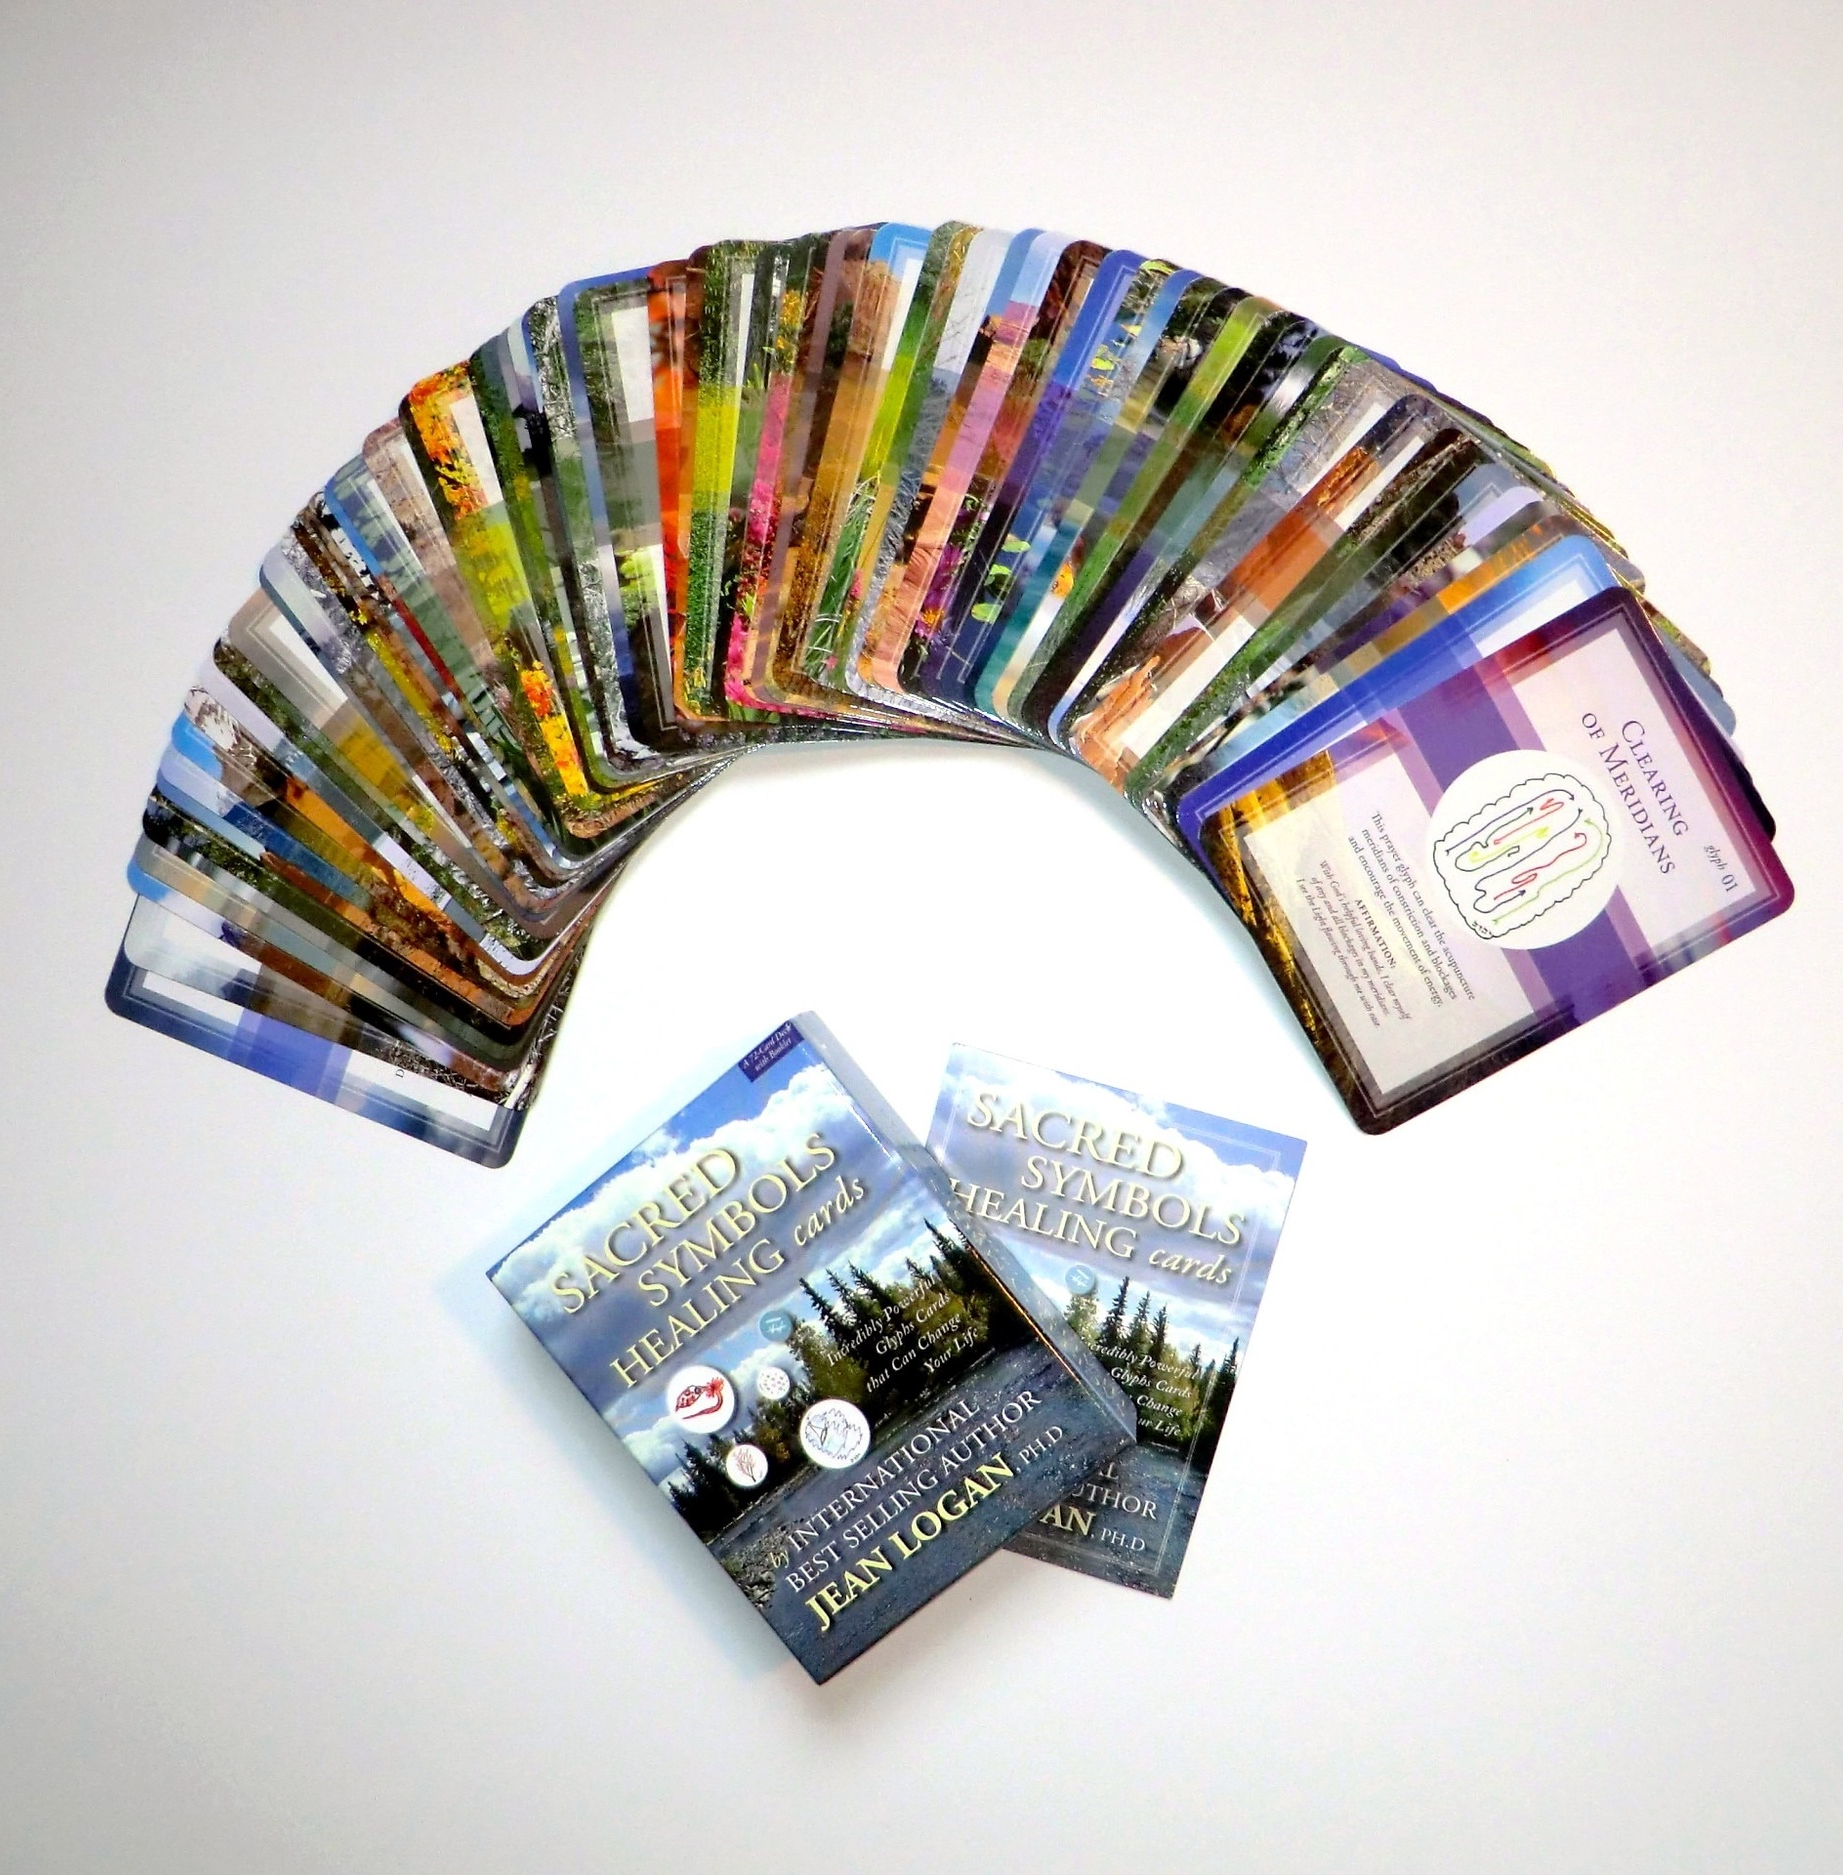 HEALING SYMBOLS CARD DECK